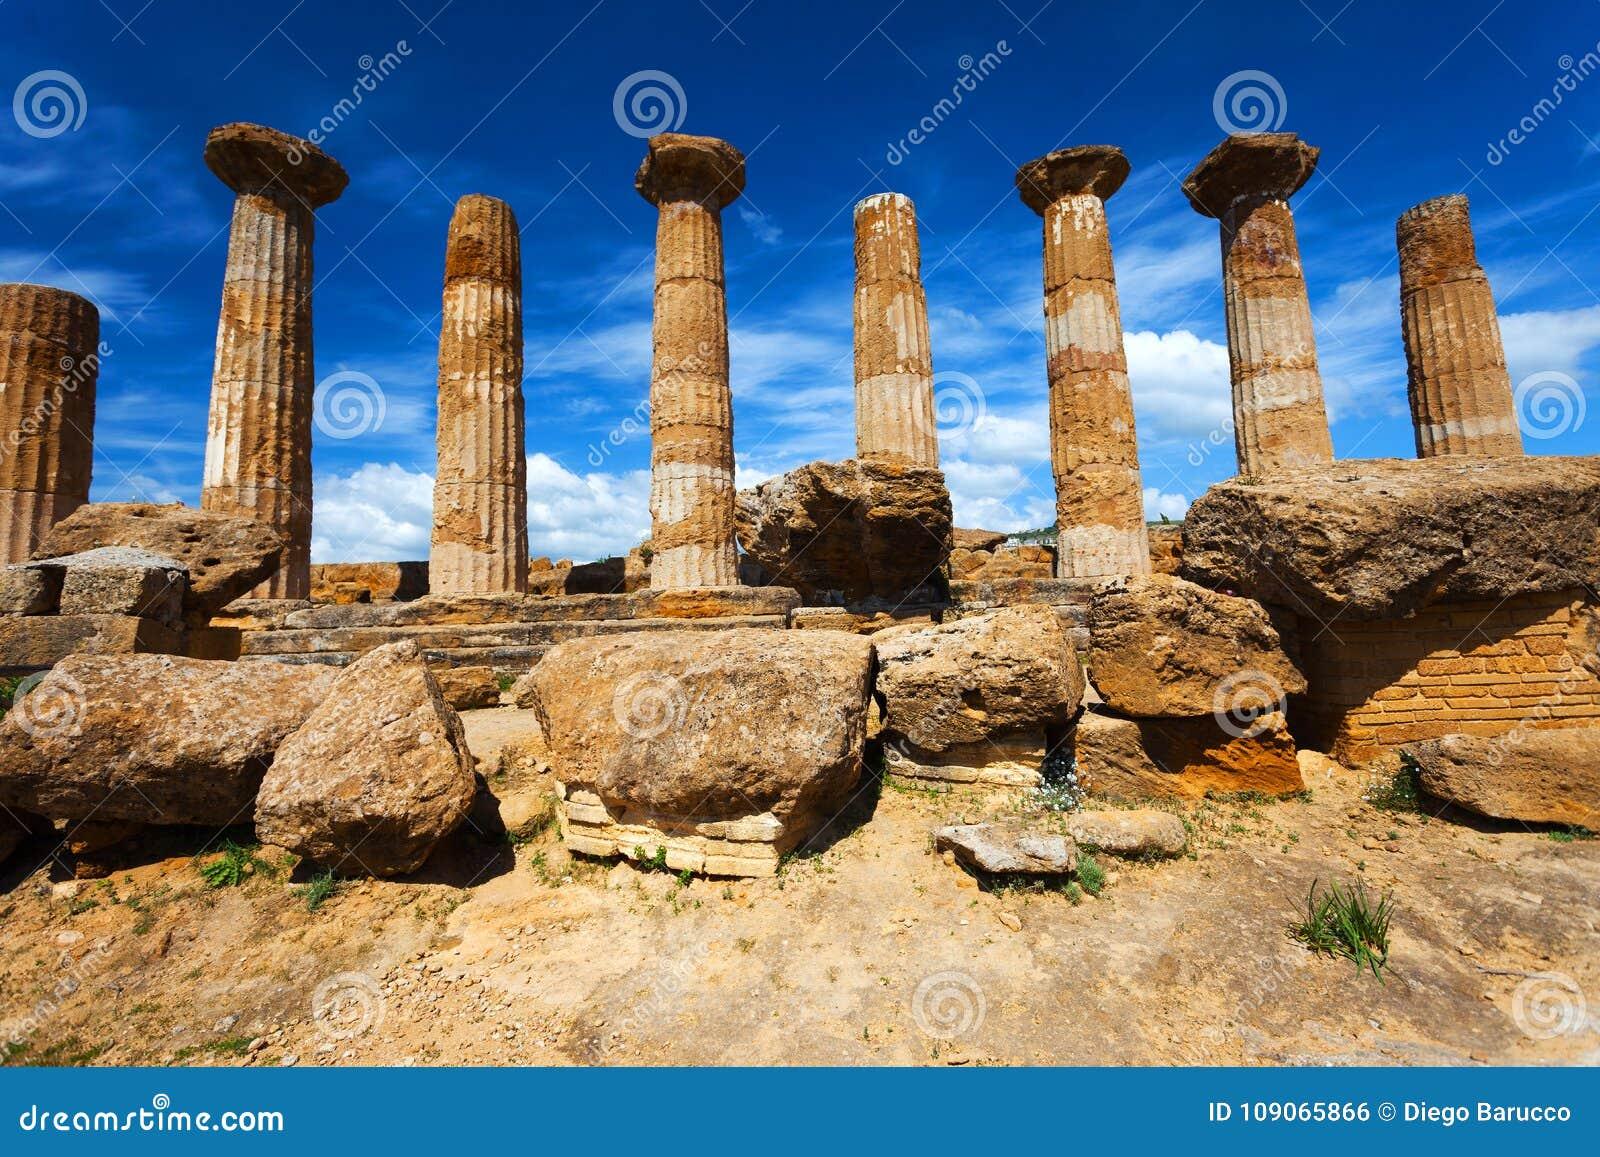 赫拉克勒斯寺庙在阿哥里根托考古学公园 西西里岛